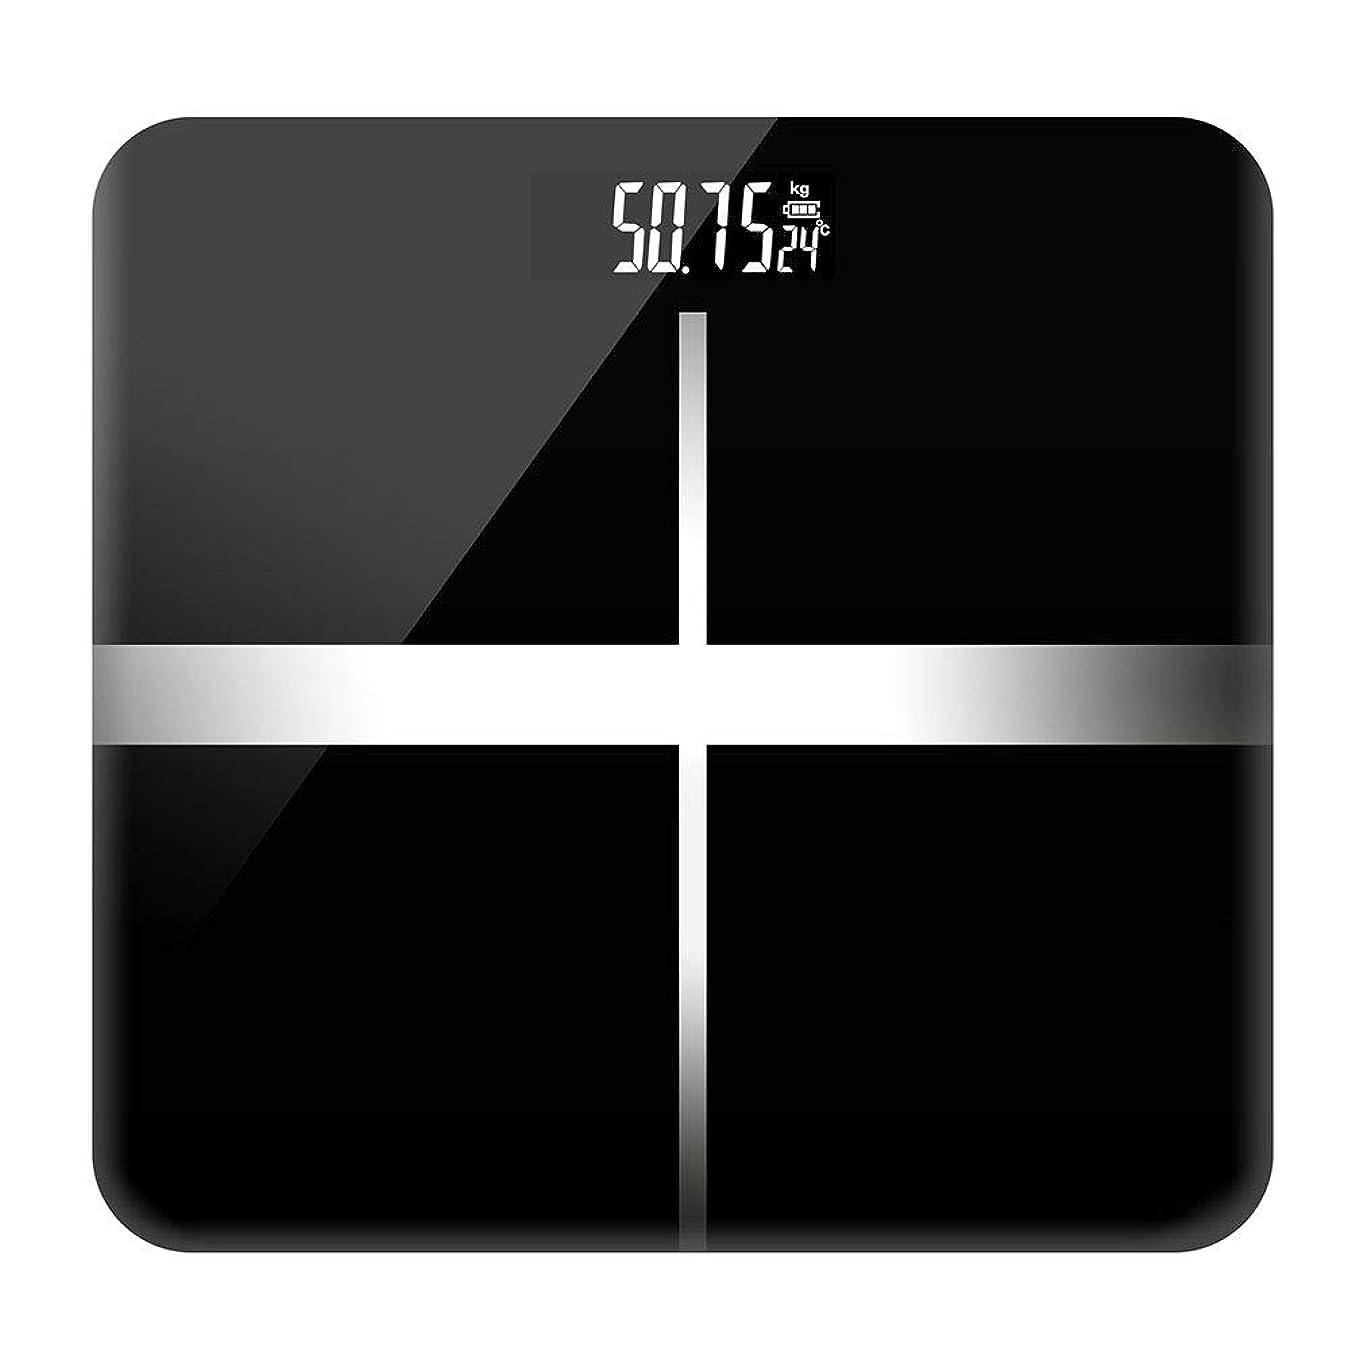 歴史的絶望的なマラドロイト高精度のデジタルボディ電子体重の体重計のステップオン技術180kgのバックライトの表示が付いている天秤ばかり